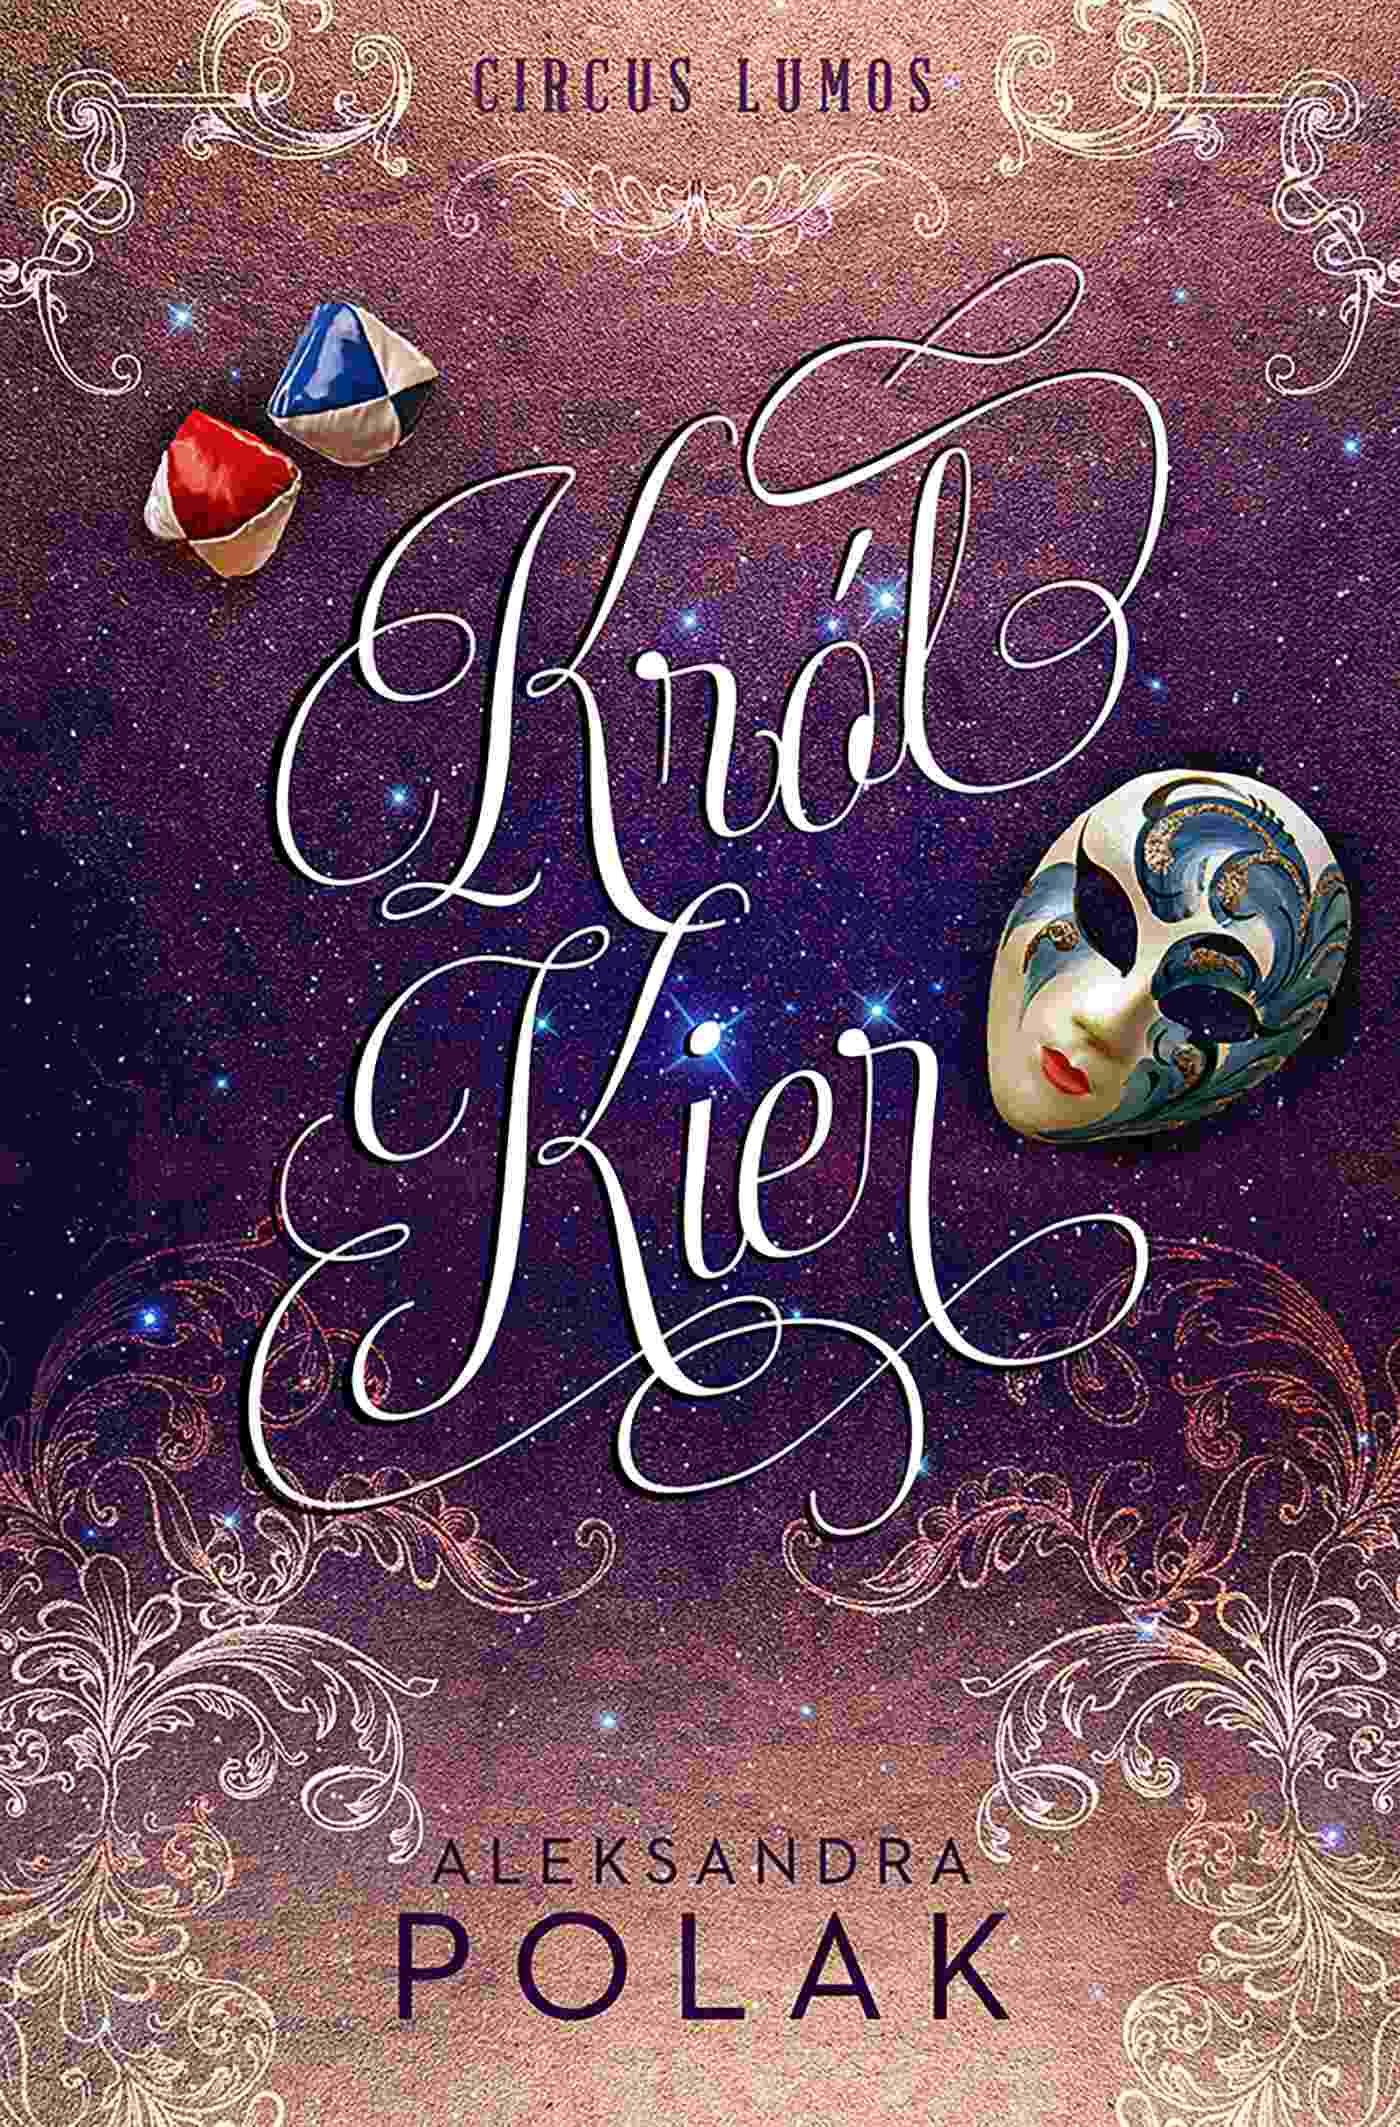 Król kier - Ebook (Książka na Kindle) do pobrania w formacie MOBI